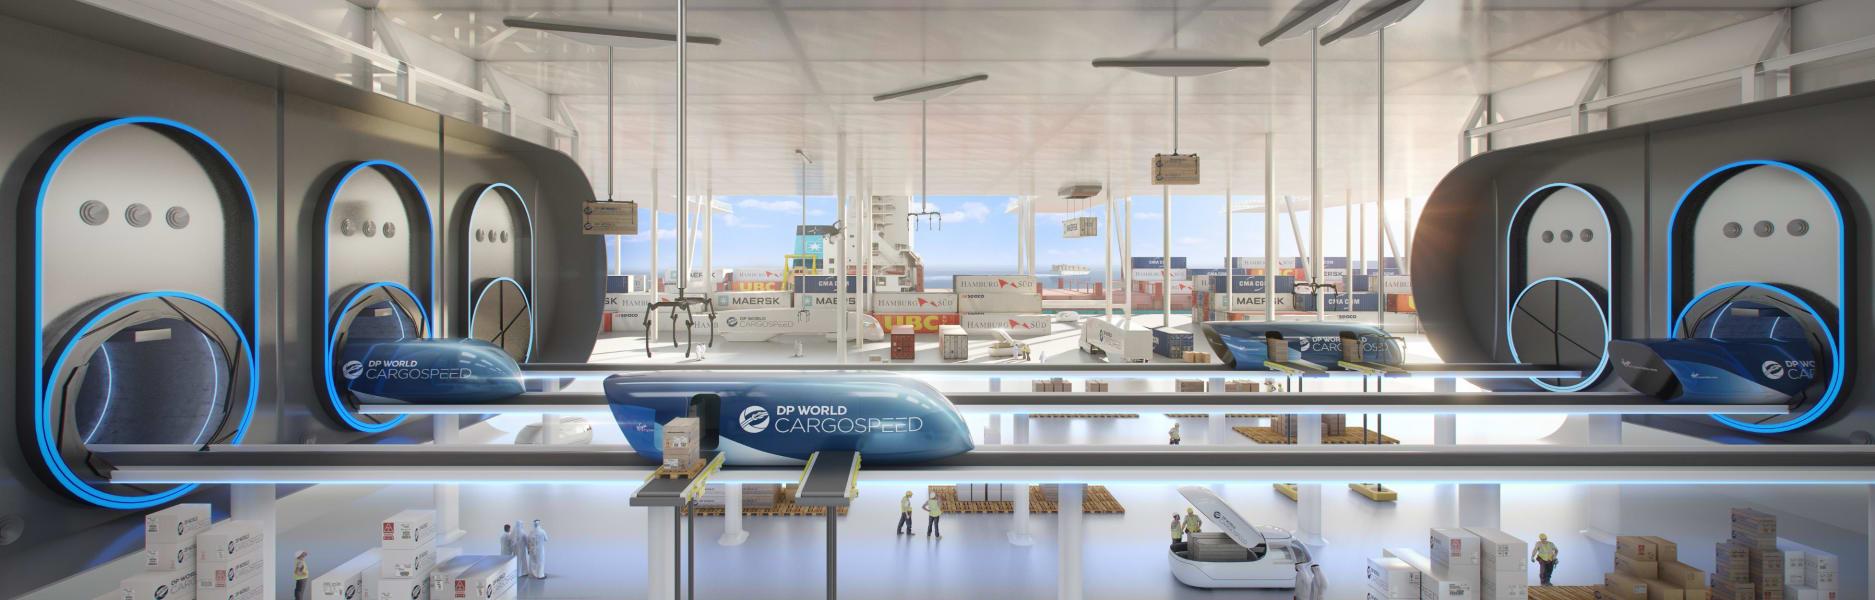 hyperloop cargospeed 1